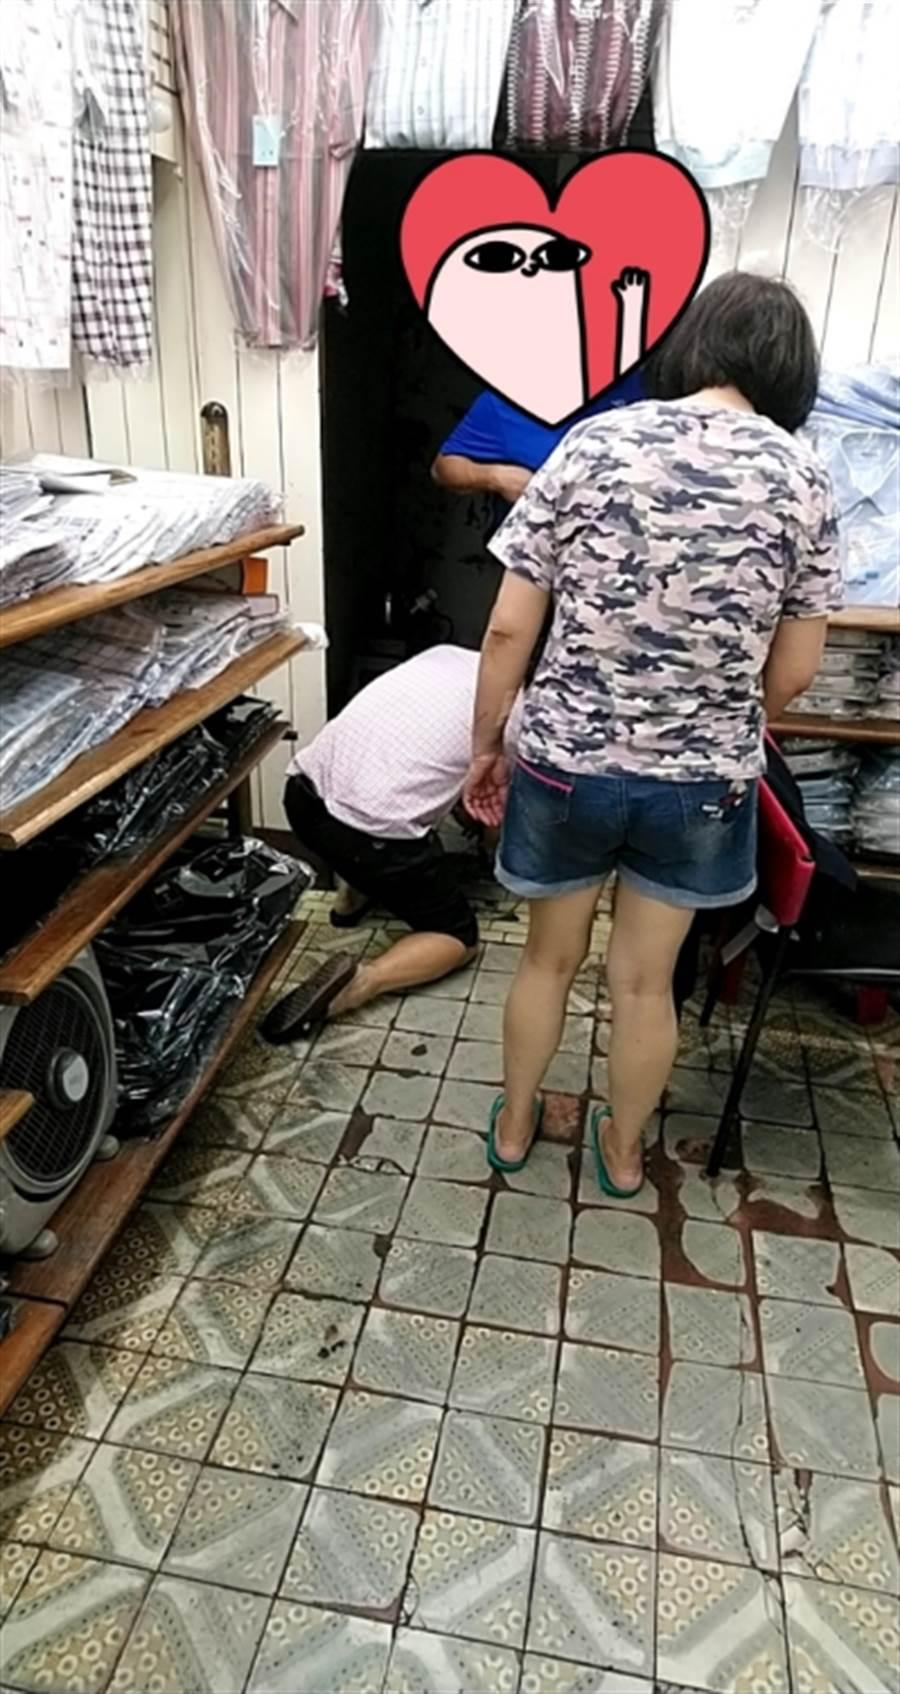 南投一家西服老店,網友拍下老闆直接跪地幫客人丈量褲長。(圖/翻攝Dcard)